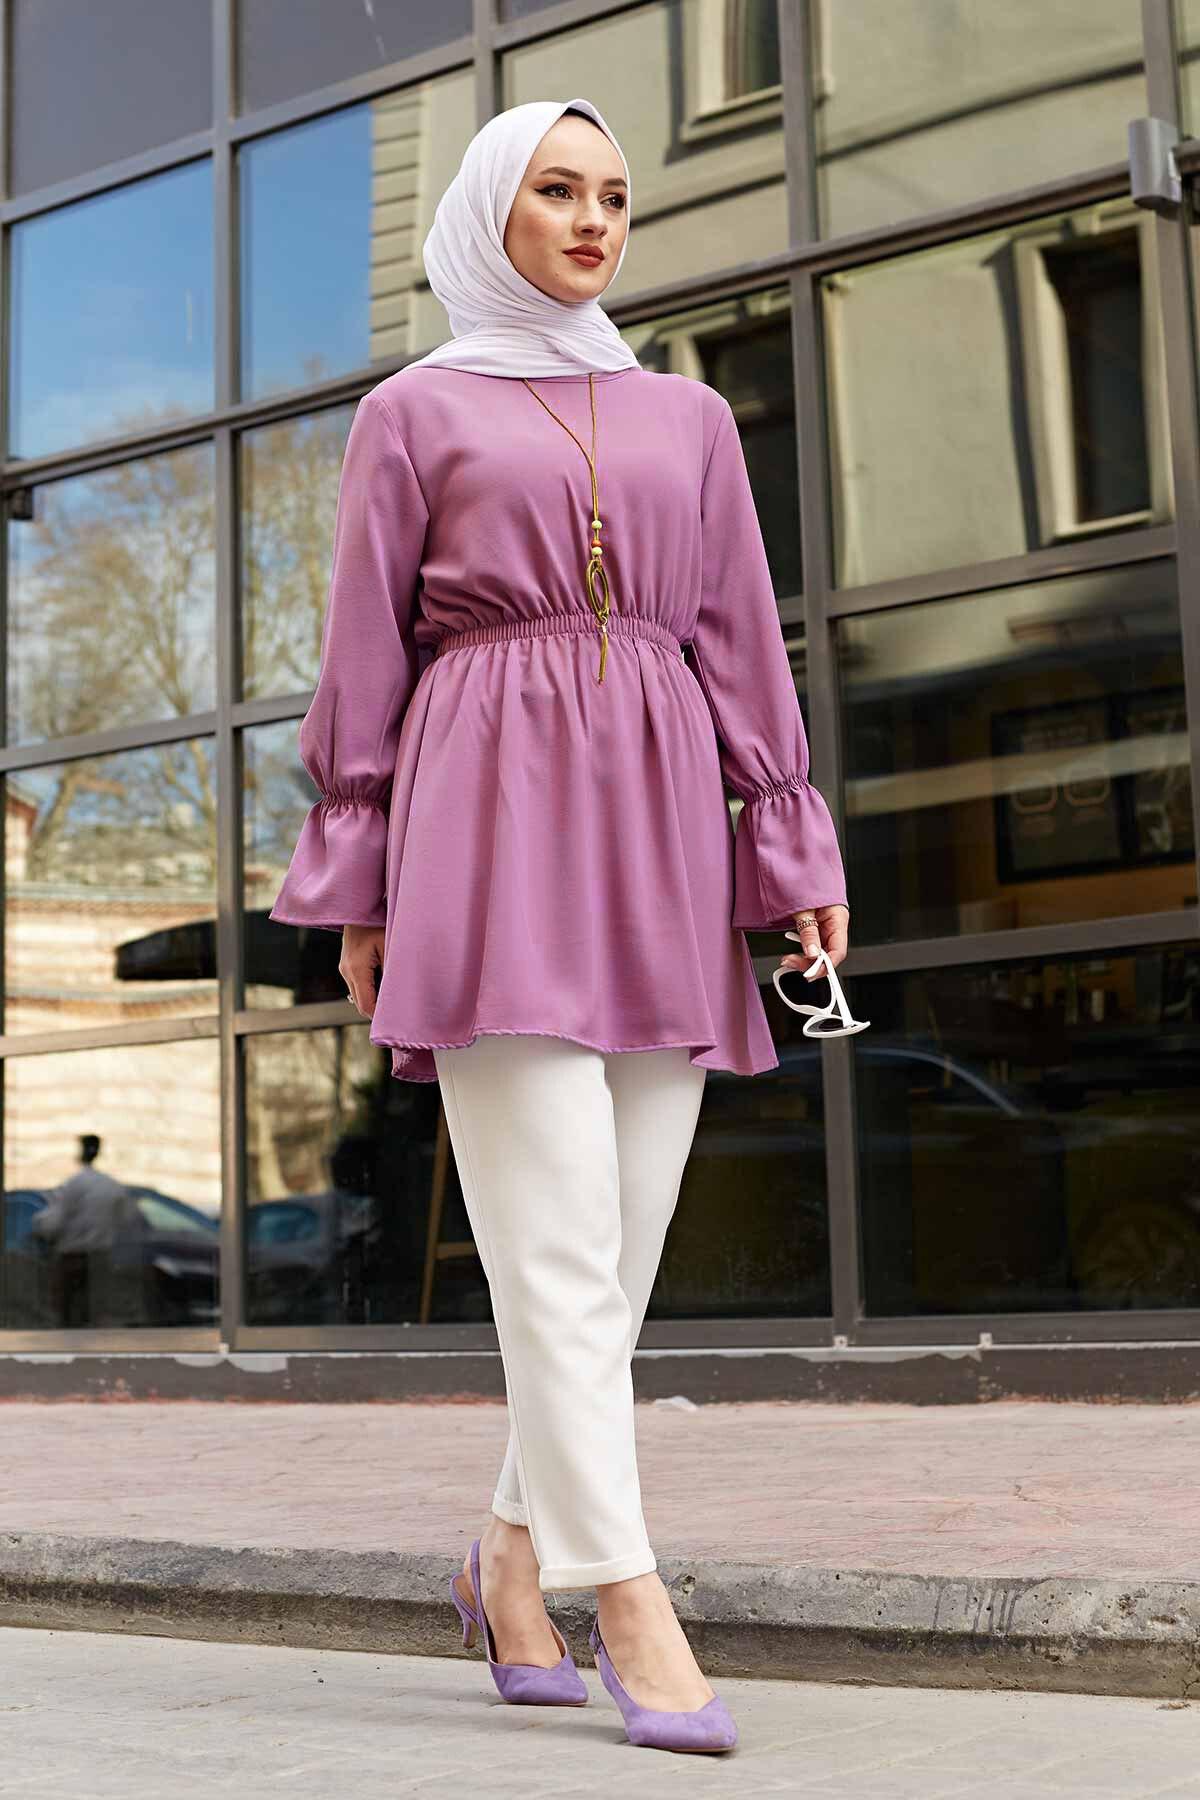 المرأة مسلم الحجاب دبي الإسلام الخصر تجمع الهوائية تونك الموسمية قالب كامل عادية شيك أنيقة عالية الجودة تونك